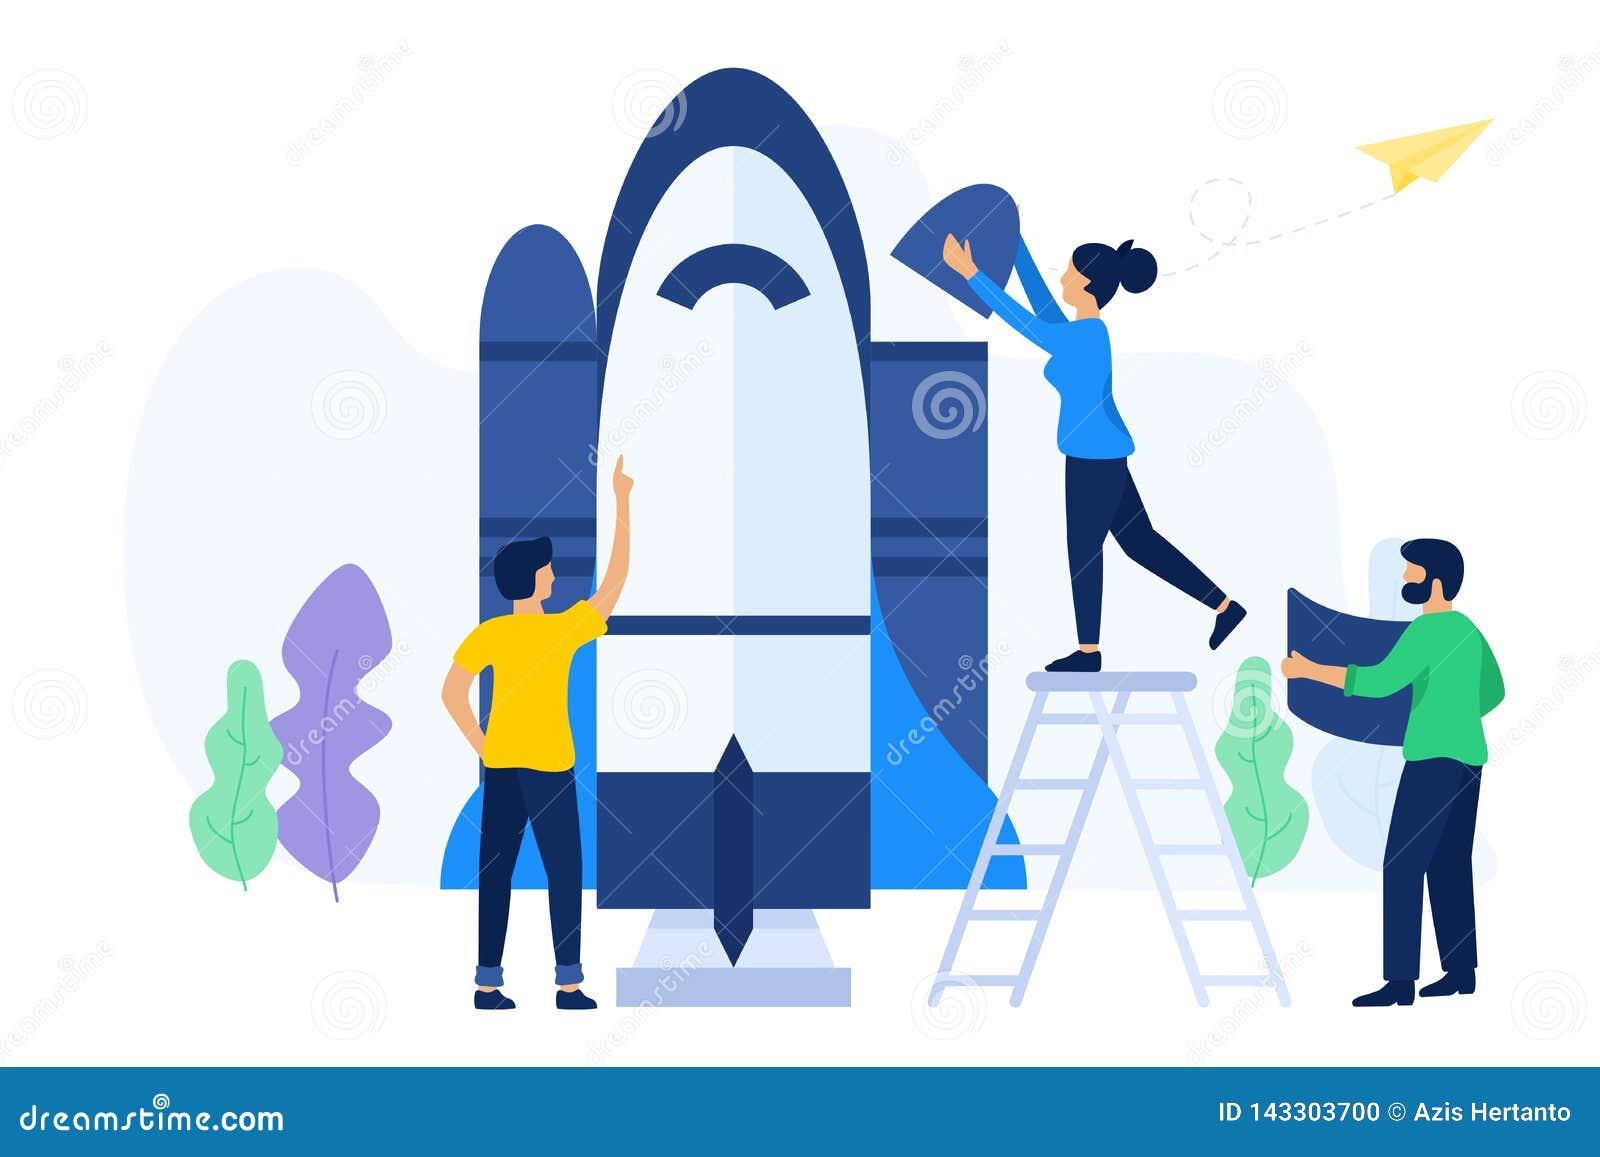 Creative teamwork prepare to launch a spaceship